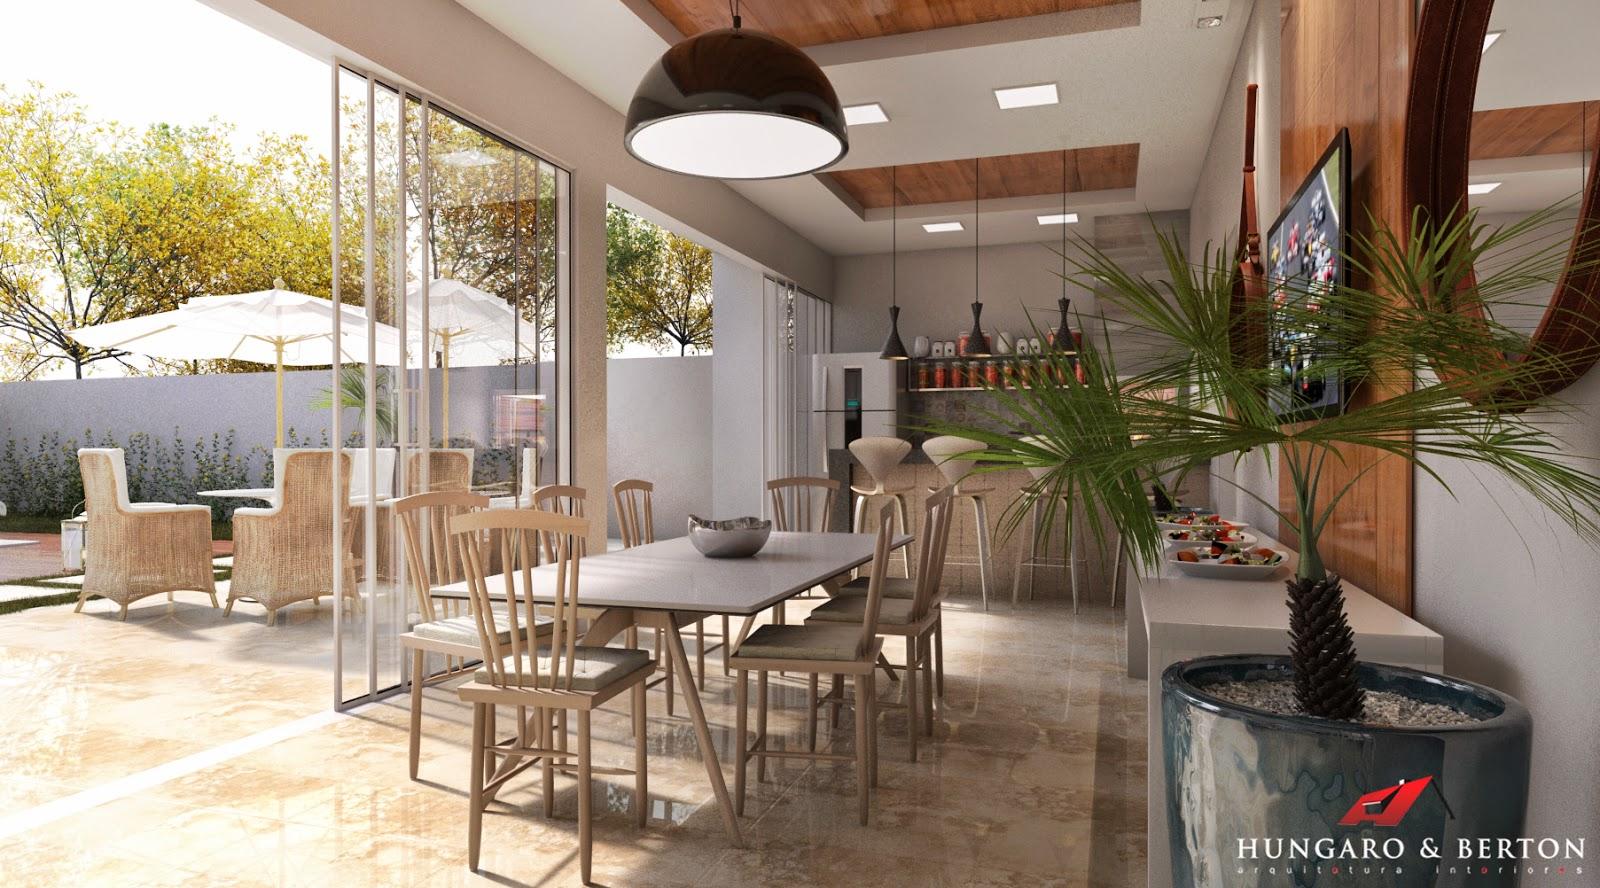 Arquitetura e Interiores: Cozinha Integrada Área de Lazer #9E902D 1600 888